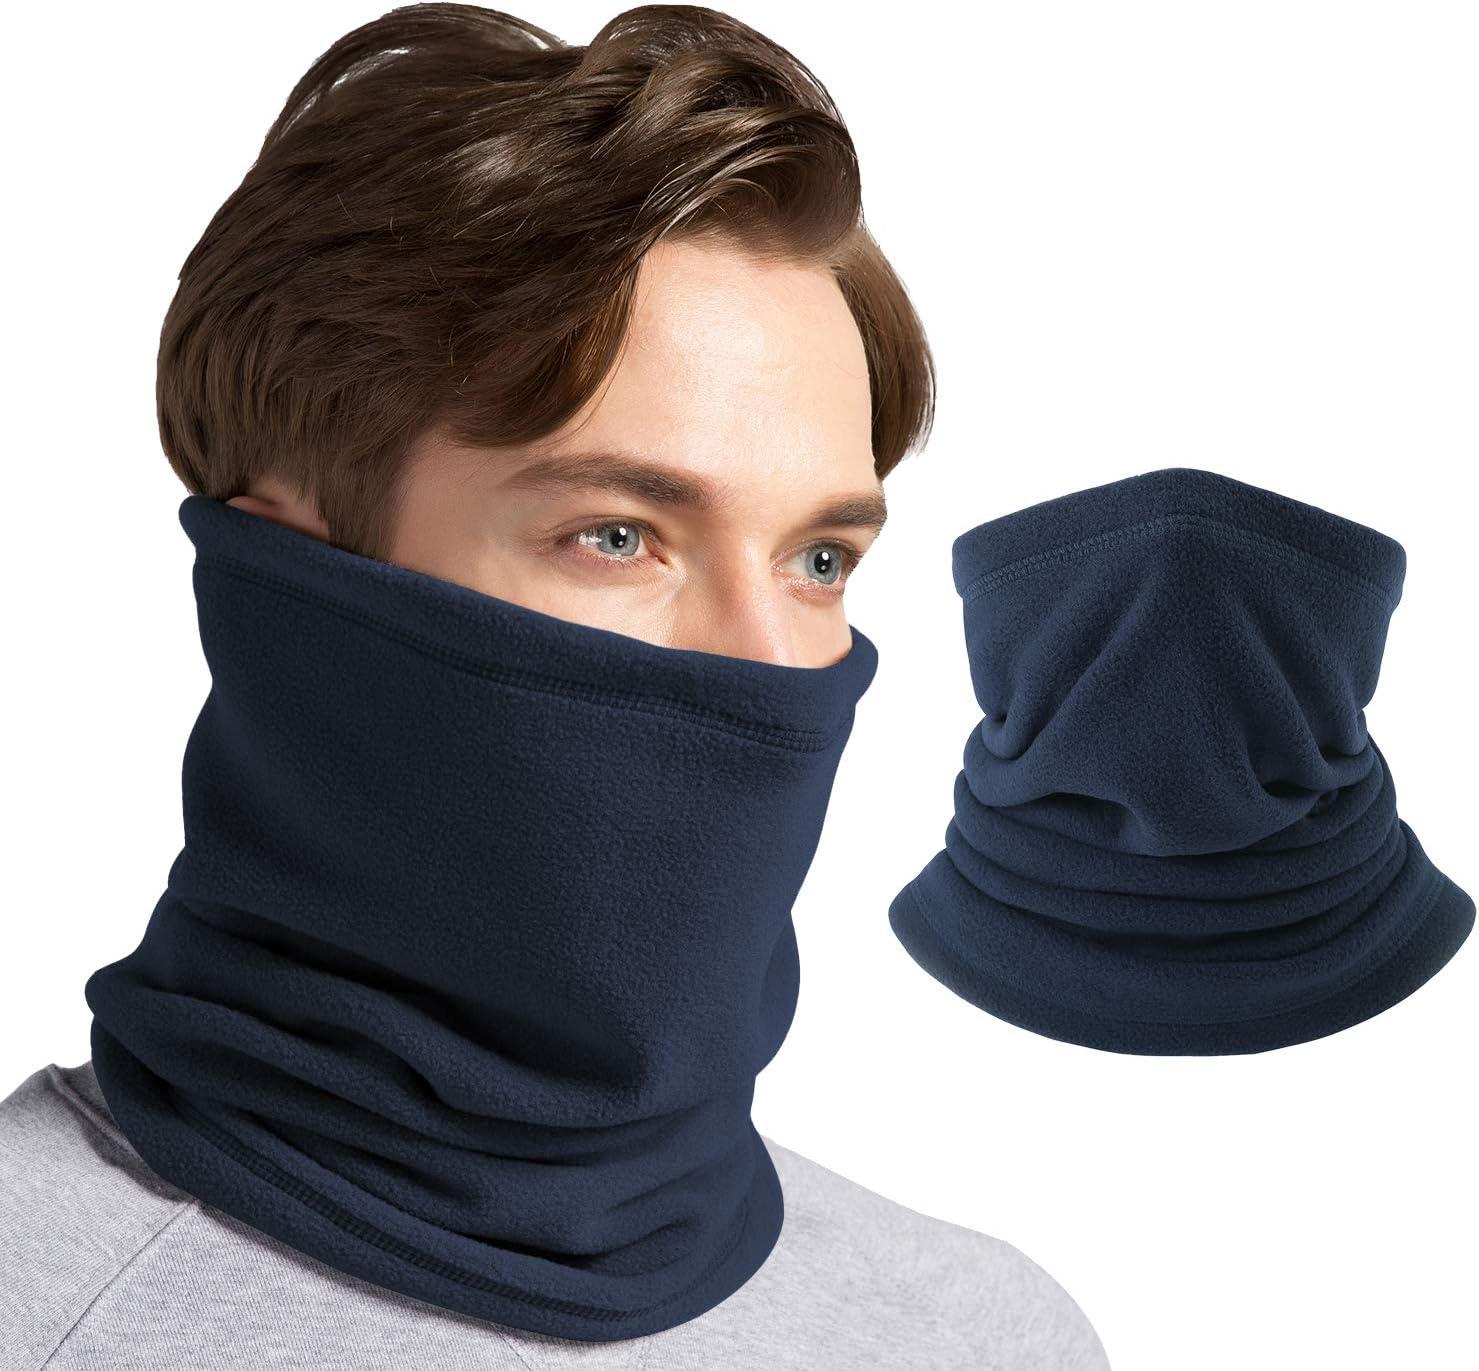 Lady Hommes épais Bonnet Polaire écharpe ensemble hiver Outdoor Neige Ski Cap Cadeau